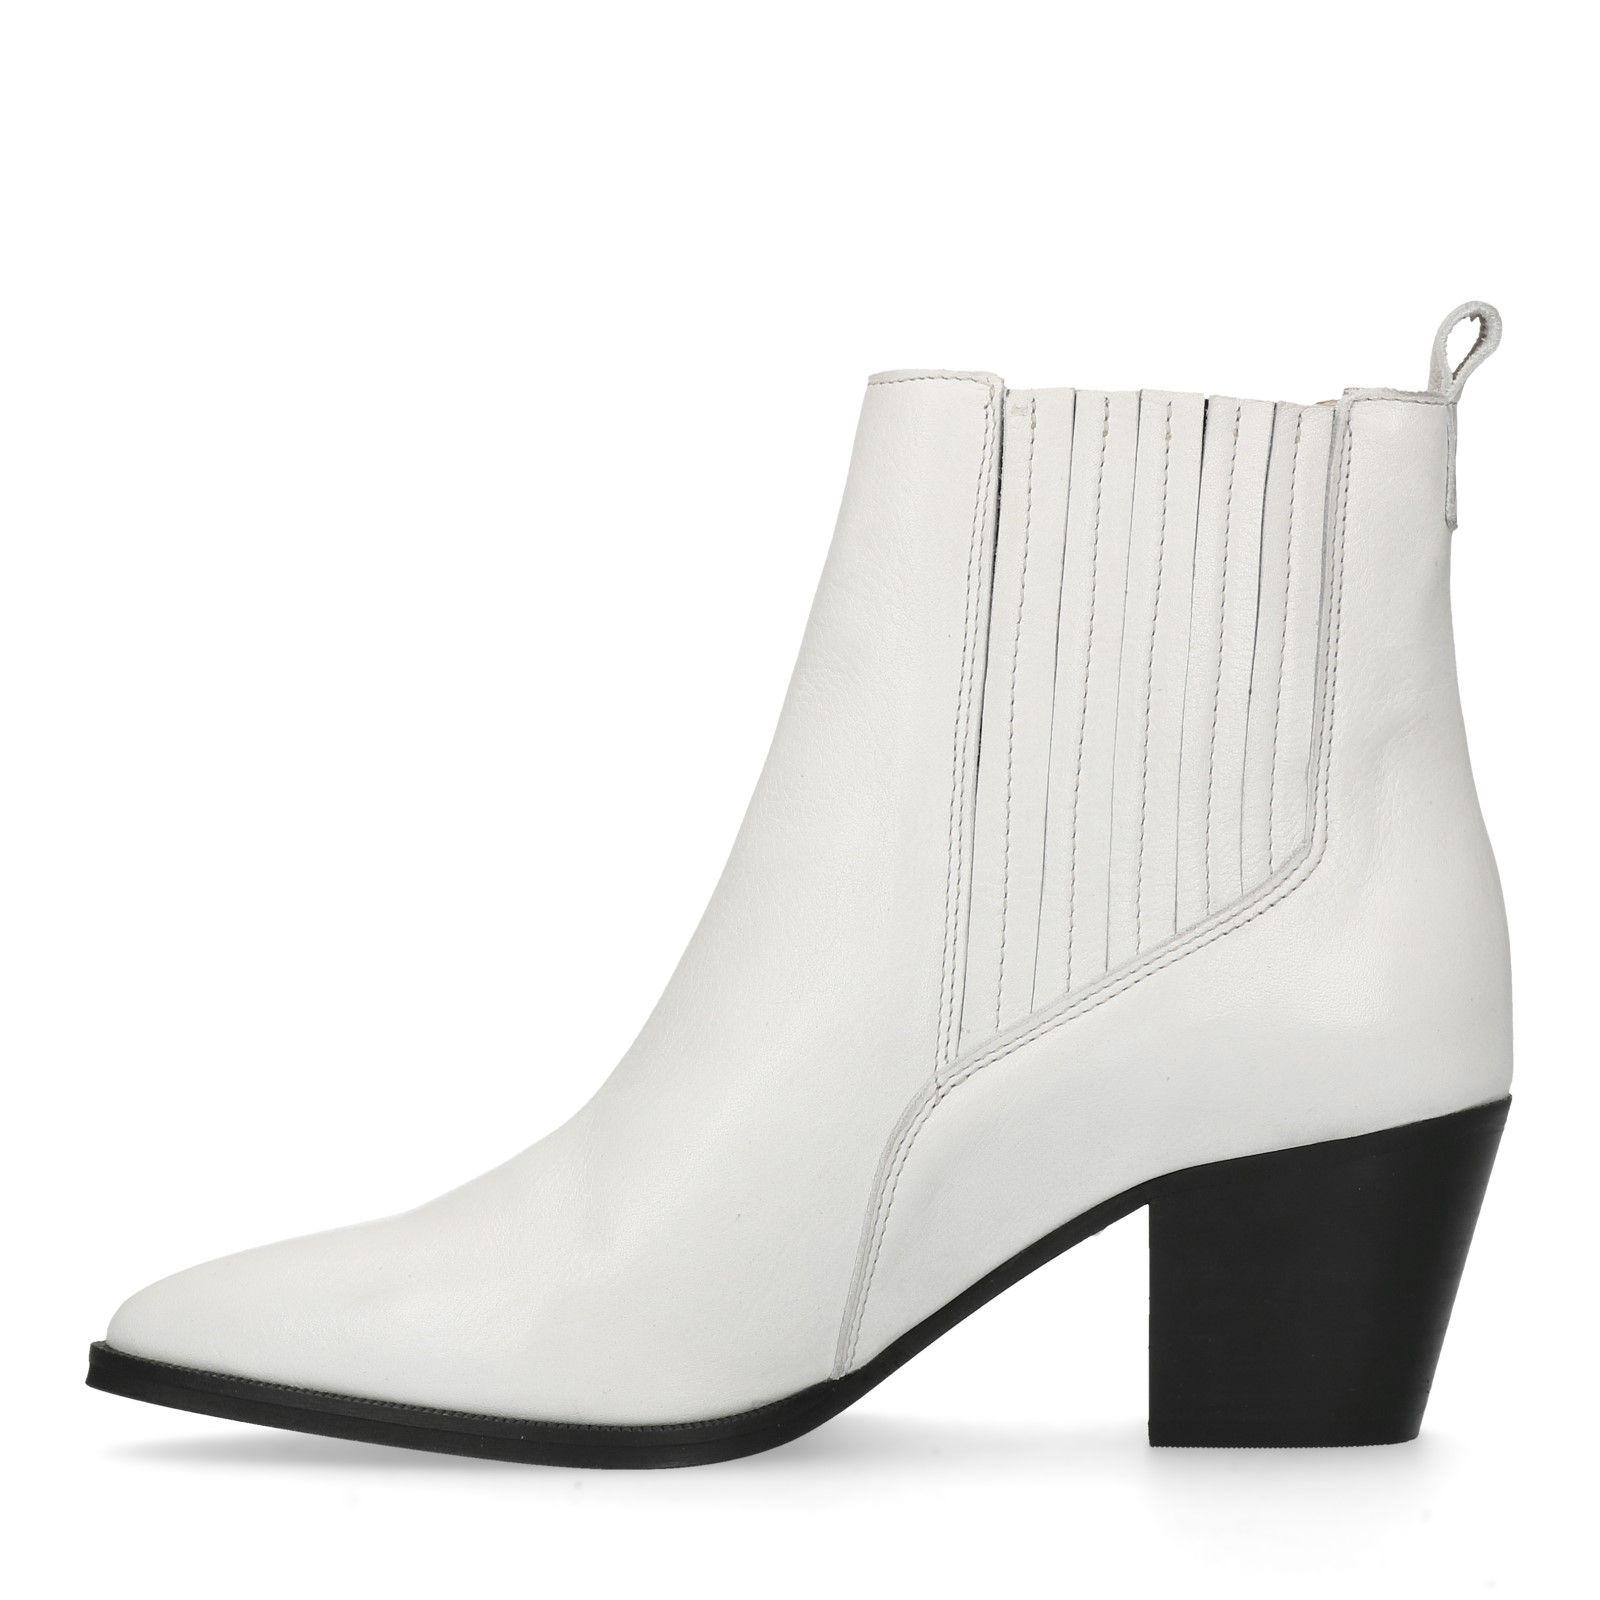 Weiße Stiefeletten jetzt im Online Shop kaufen